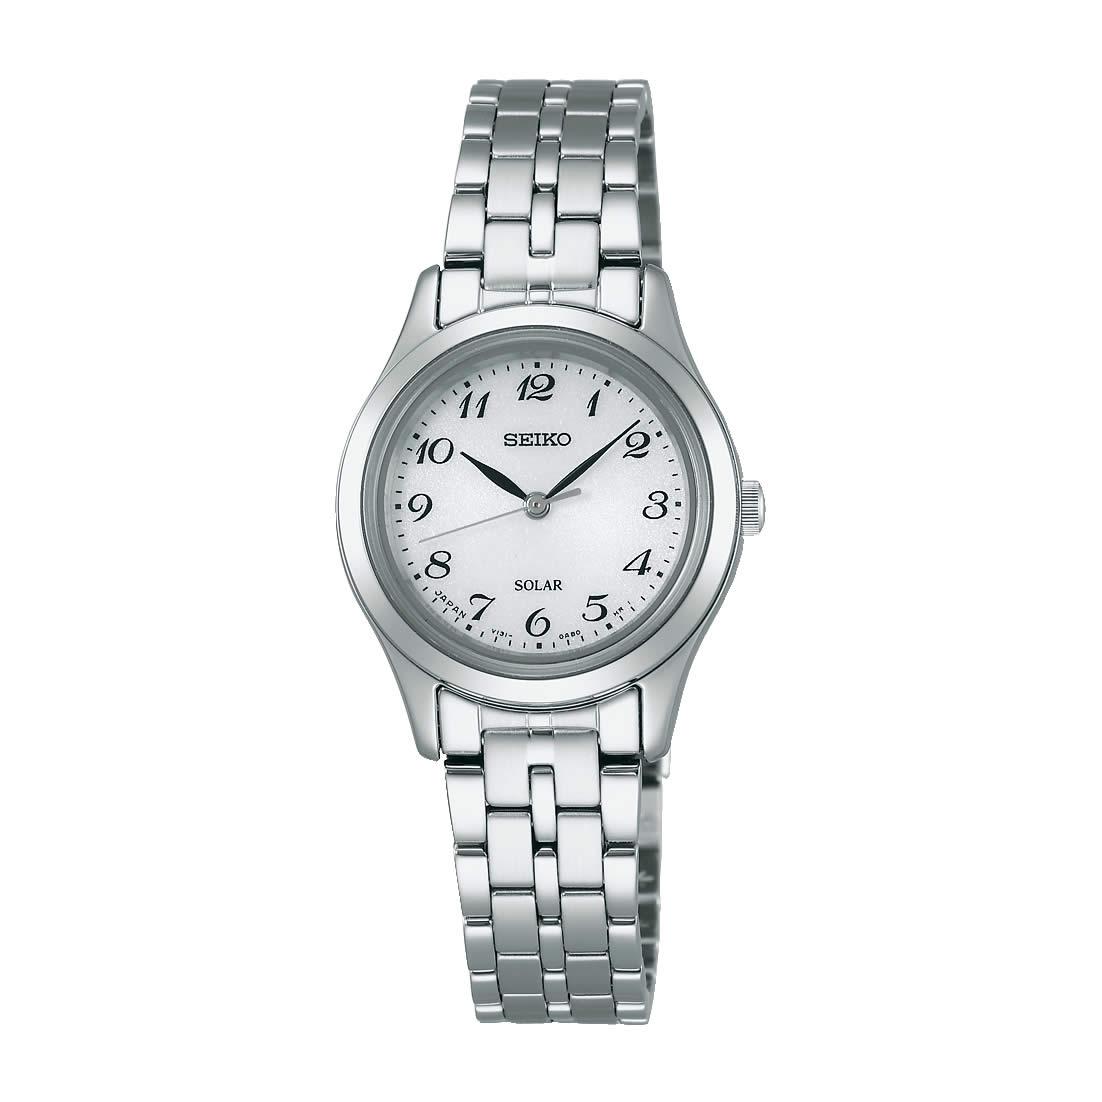 【送料無料】【国内正規品】セイコー スピリット SEIKO SPIRIT 腕時計 ソーラー レディース STPX007 100M 10気圧防水 ビジネス シンプル ソーラー腕時計 きれいめ 人気 うでどけい とけい WATCH 時計【取り寄せ】